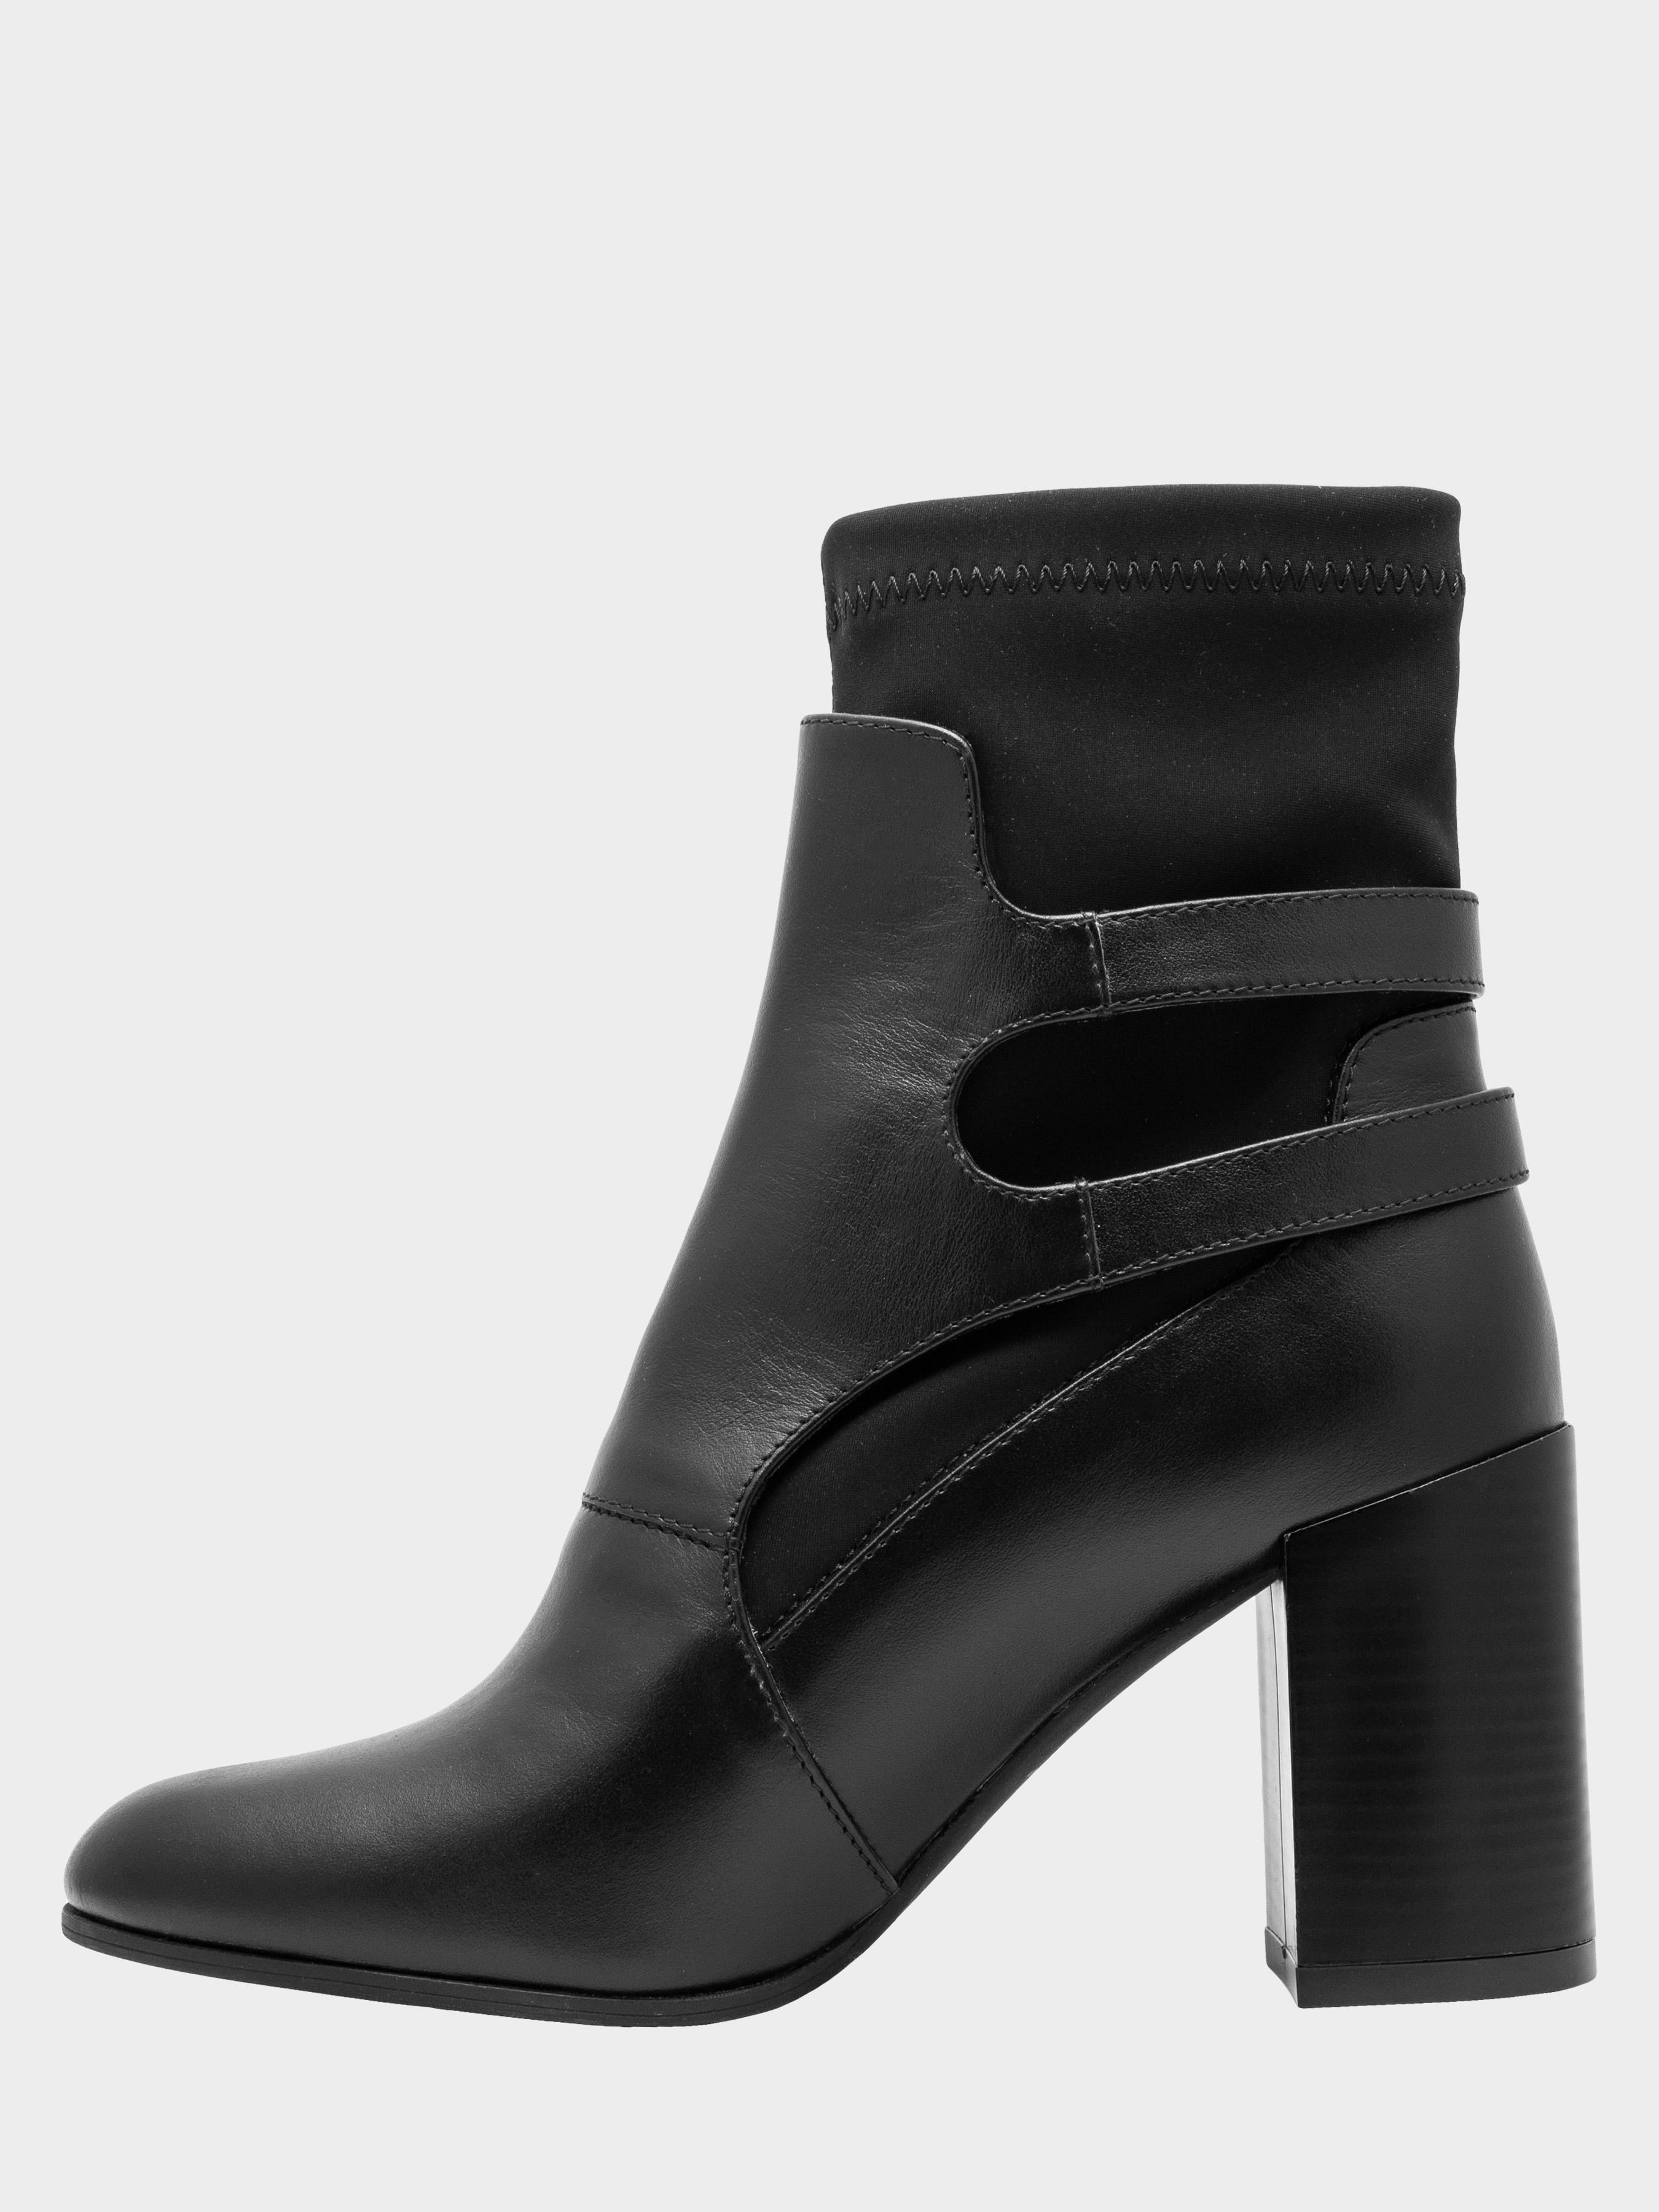 Ботинки для женщин Ботинки женские ENZO VERRATTI 18-9588bl размерная сетка обуви, 2017